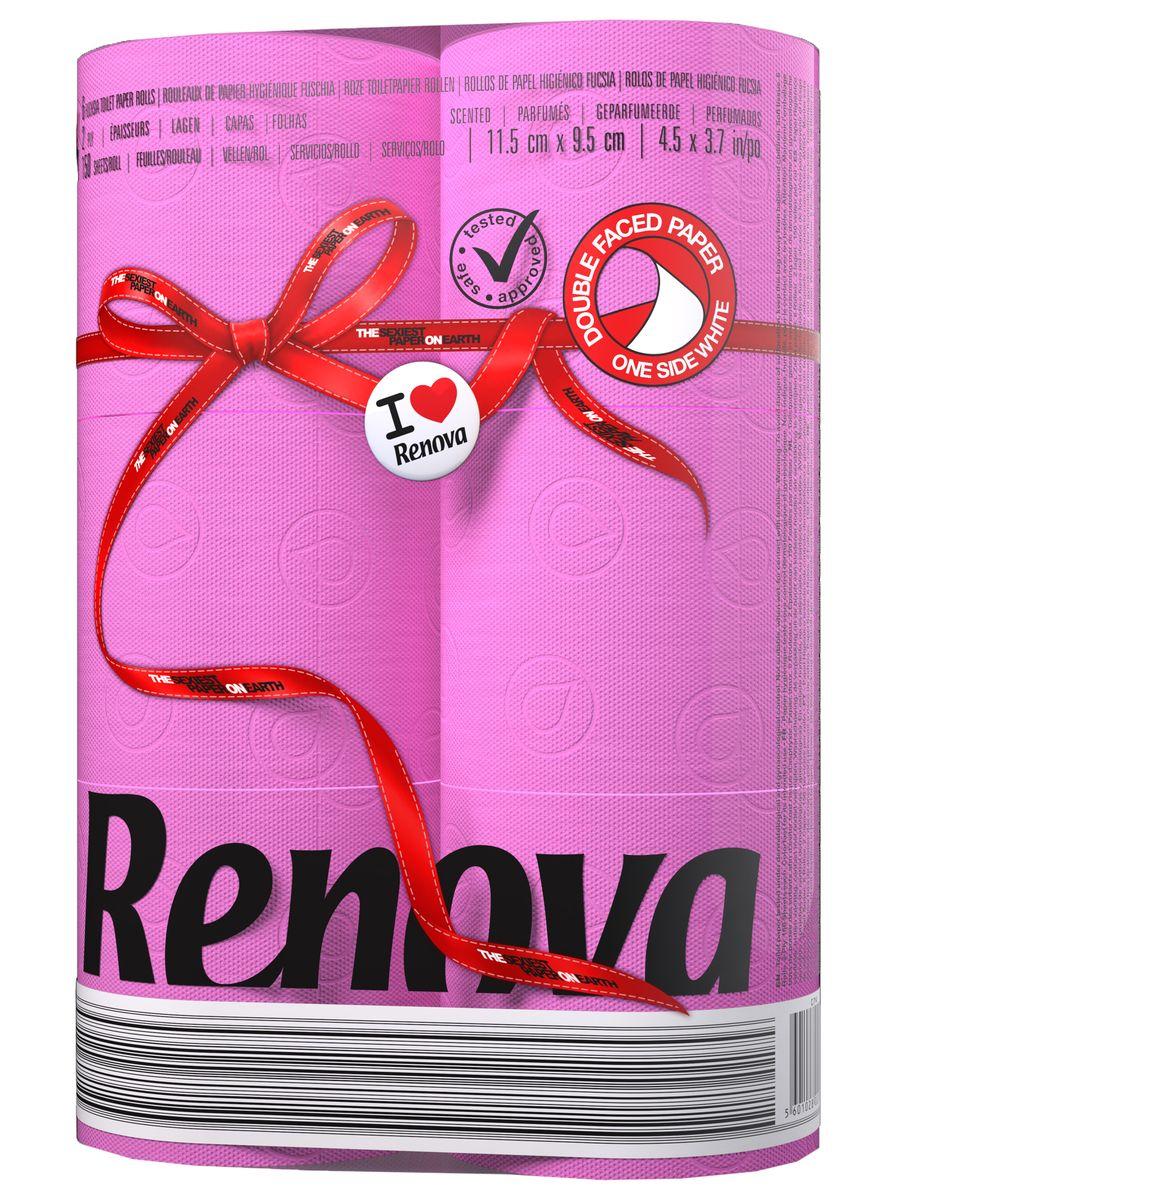 Туалетная бумага Renova, двухслойная, ароматизированная, цвет: фуксия, 6 рулонов02.03.05.5367Туалетная бумага Renova изготовлена по новейшей технологии из 100% ароматизированной целлюлозы, благодаря чему она имеет тонкий аромат, очень мягкая, нежная, но в тоже время прочная. Эксклюзивная двухсторонняя туалетная бумага Renova  экстрамодного цвета, придаст вашему туалету оригинальность. Состав: 100% ароматизированная целлюлоза.Количество листов: 150 шт. Количество слоев: 2. Размер листа: 11,5 см х 9,5 см. Количество рулонов: 6 шт. Португальская компания Renova является ведущим разработчиком новейших технологий производства, нового стиля и направления на рынке гигиенической продукции.Современный дизайн и высочайшее качество, дерматологический контроль - это то, что выделяет компанию Renova среди других производителей бумажной санитарно-гигиенической продукции.